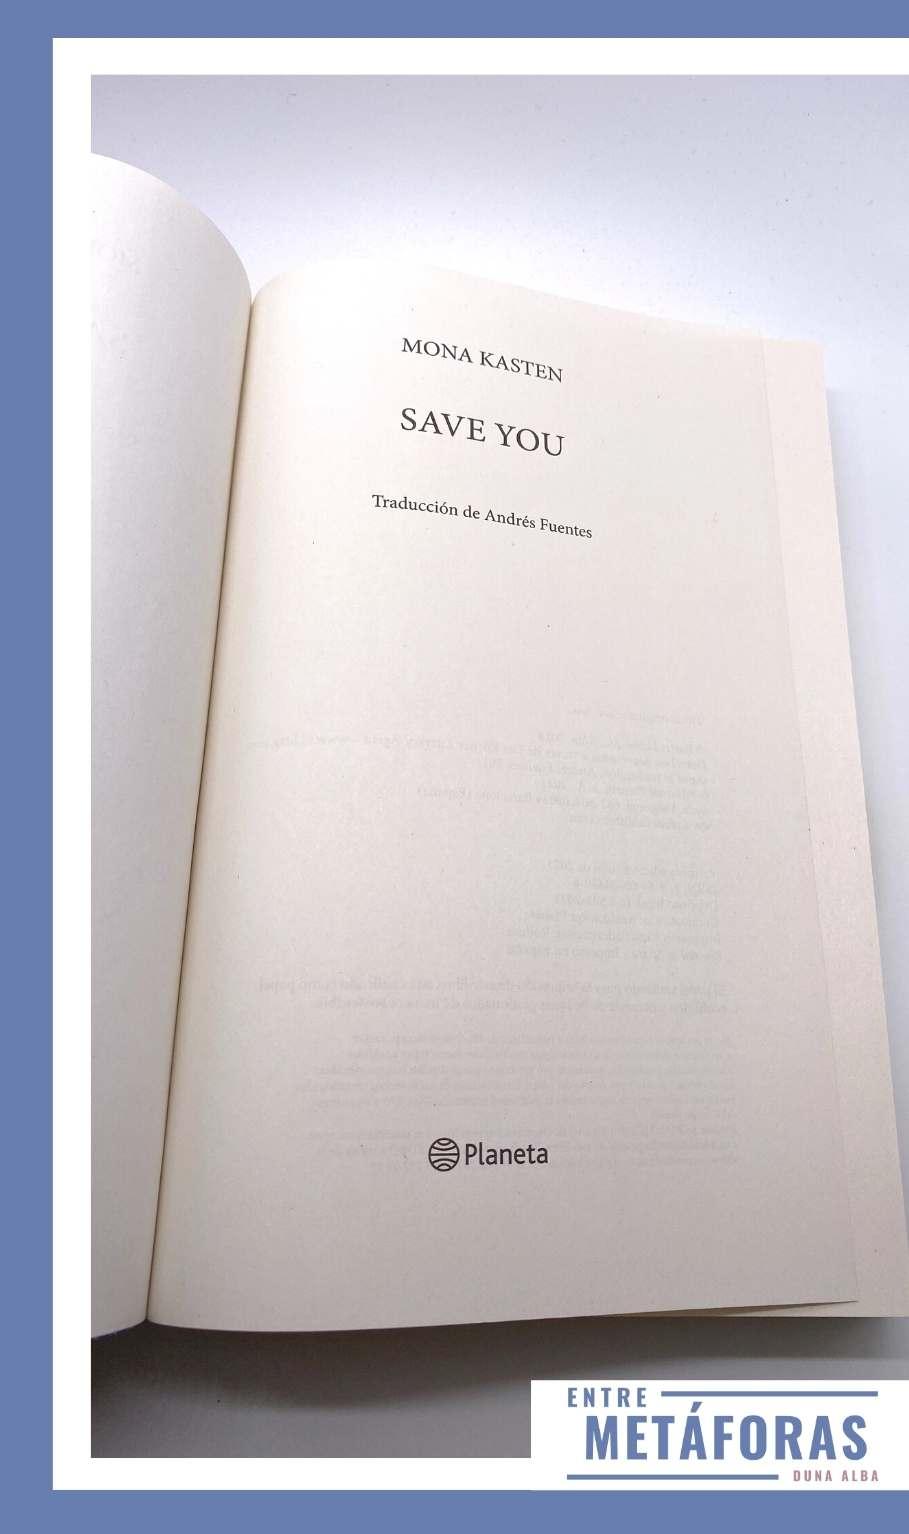 Save you. Sólo el perdón puede salvarte (Serie Save 2), de Mona Kasten